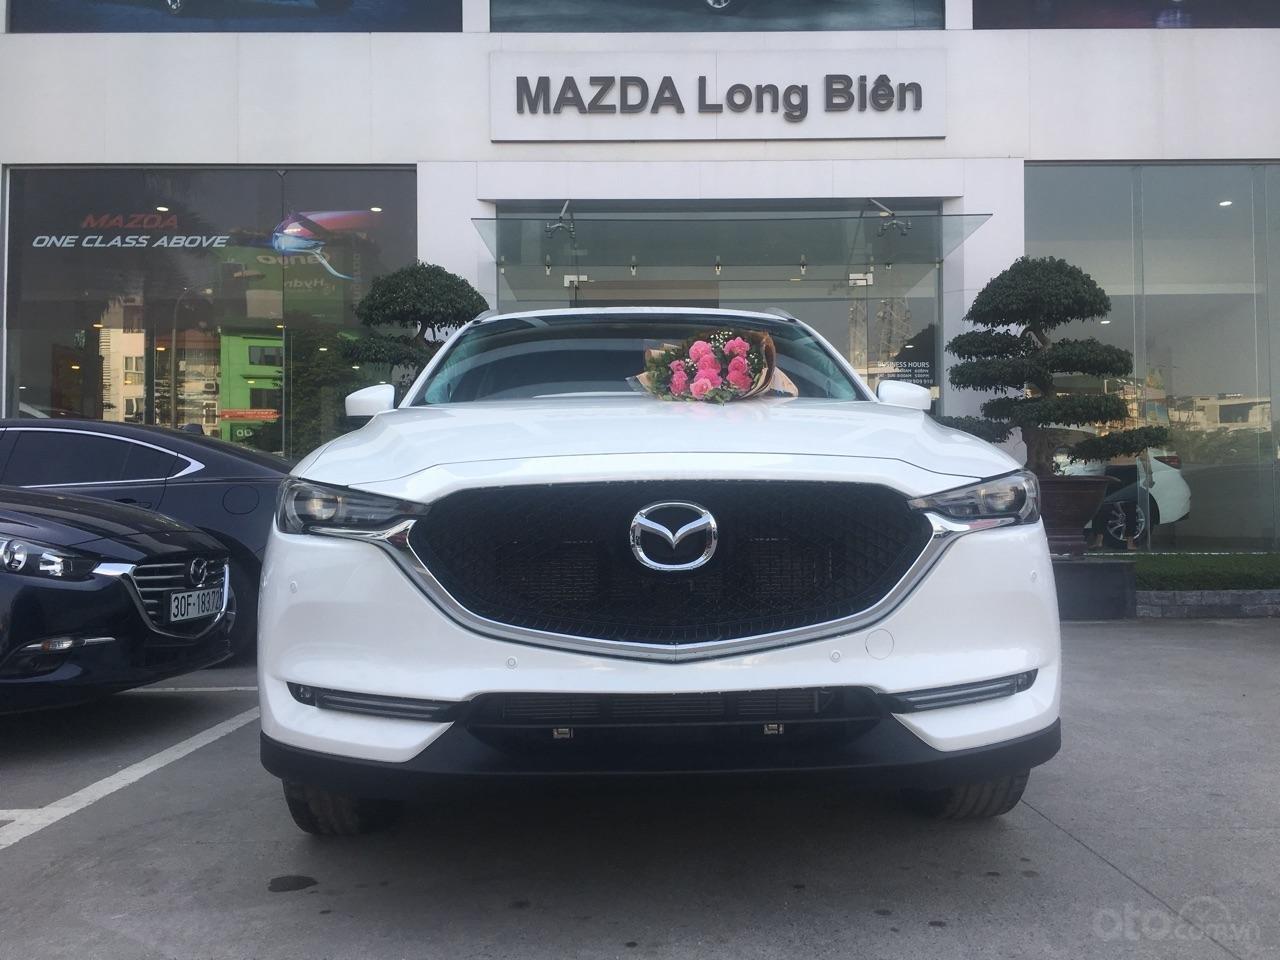 (Mazda Long Biên) Mazda CX5 2019- Ưu đãi khủng đến 100 triệu- thủ thục vay nhanh gọn lãi xuất 0%, đủ 7 mầu giao xe ngay (3)